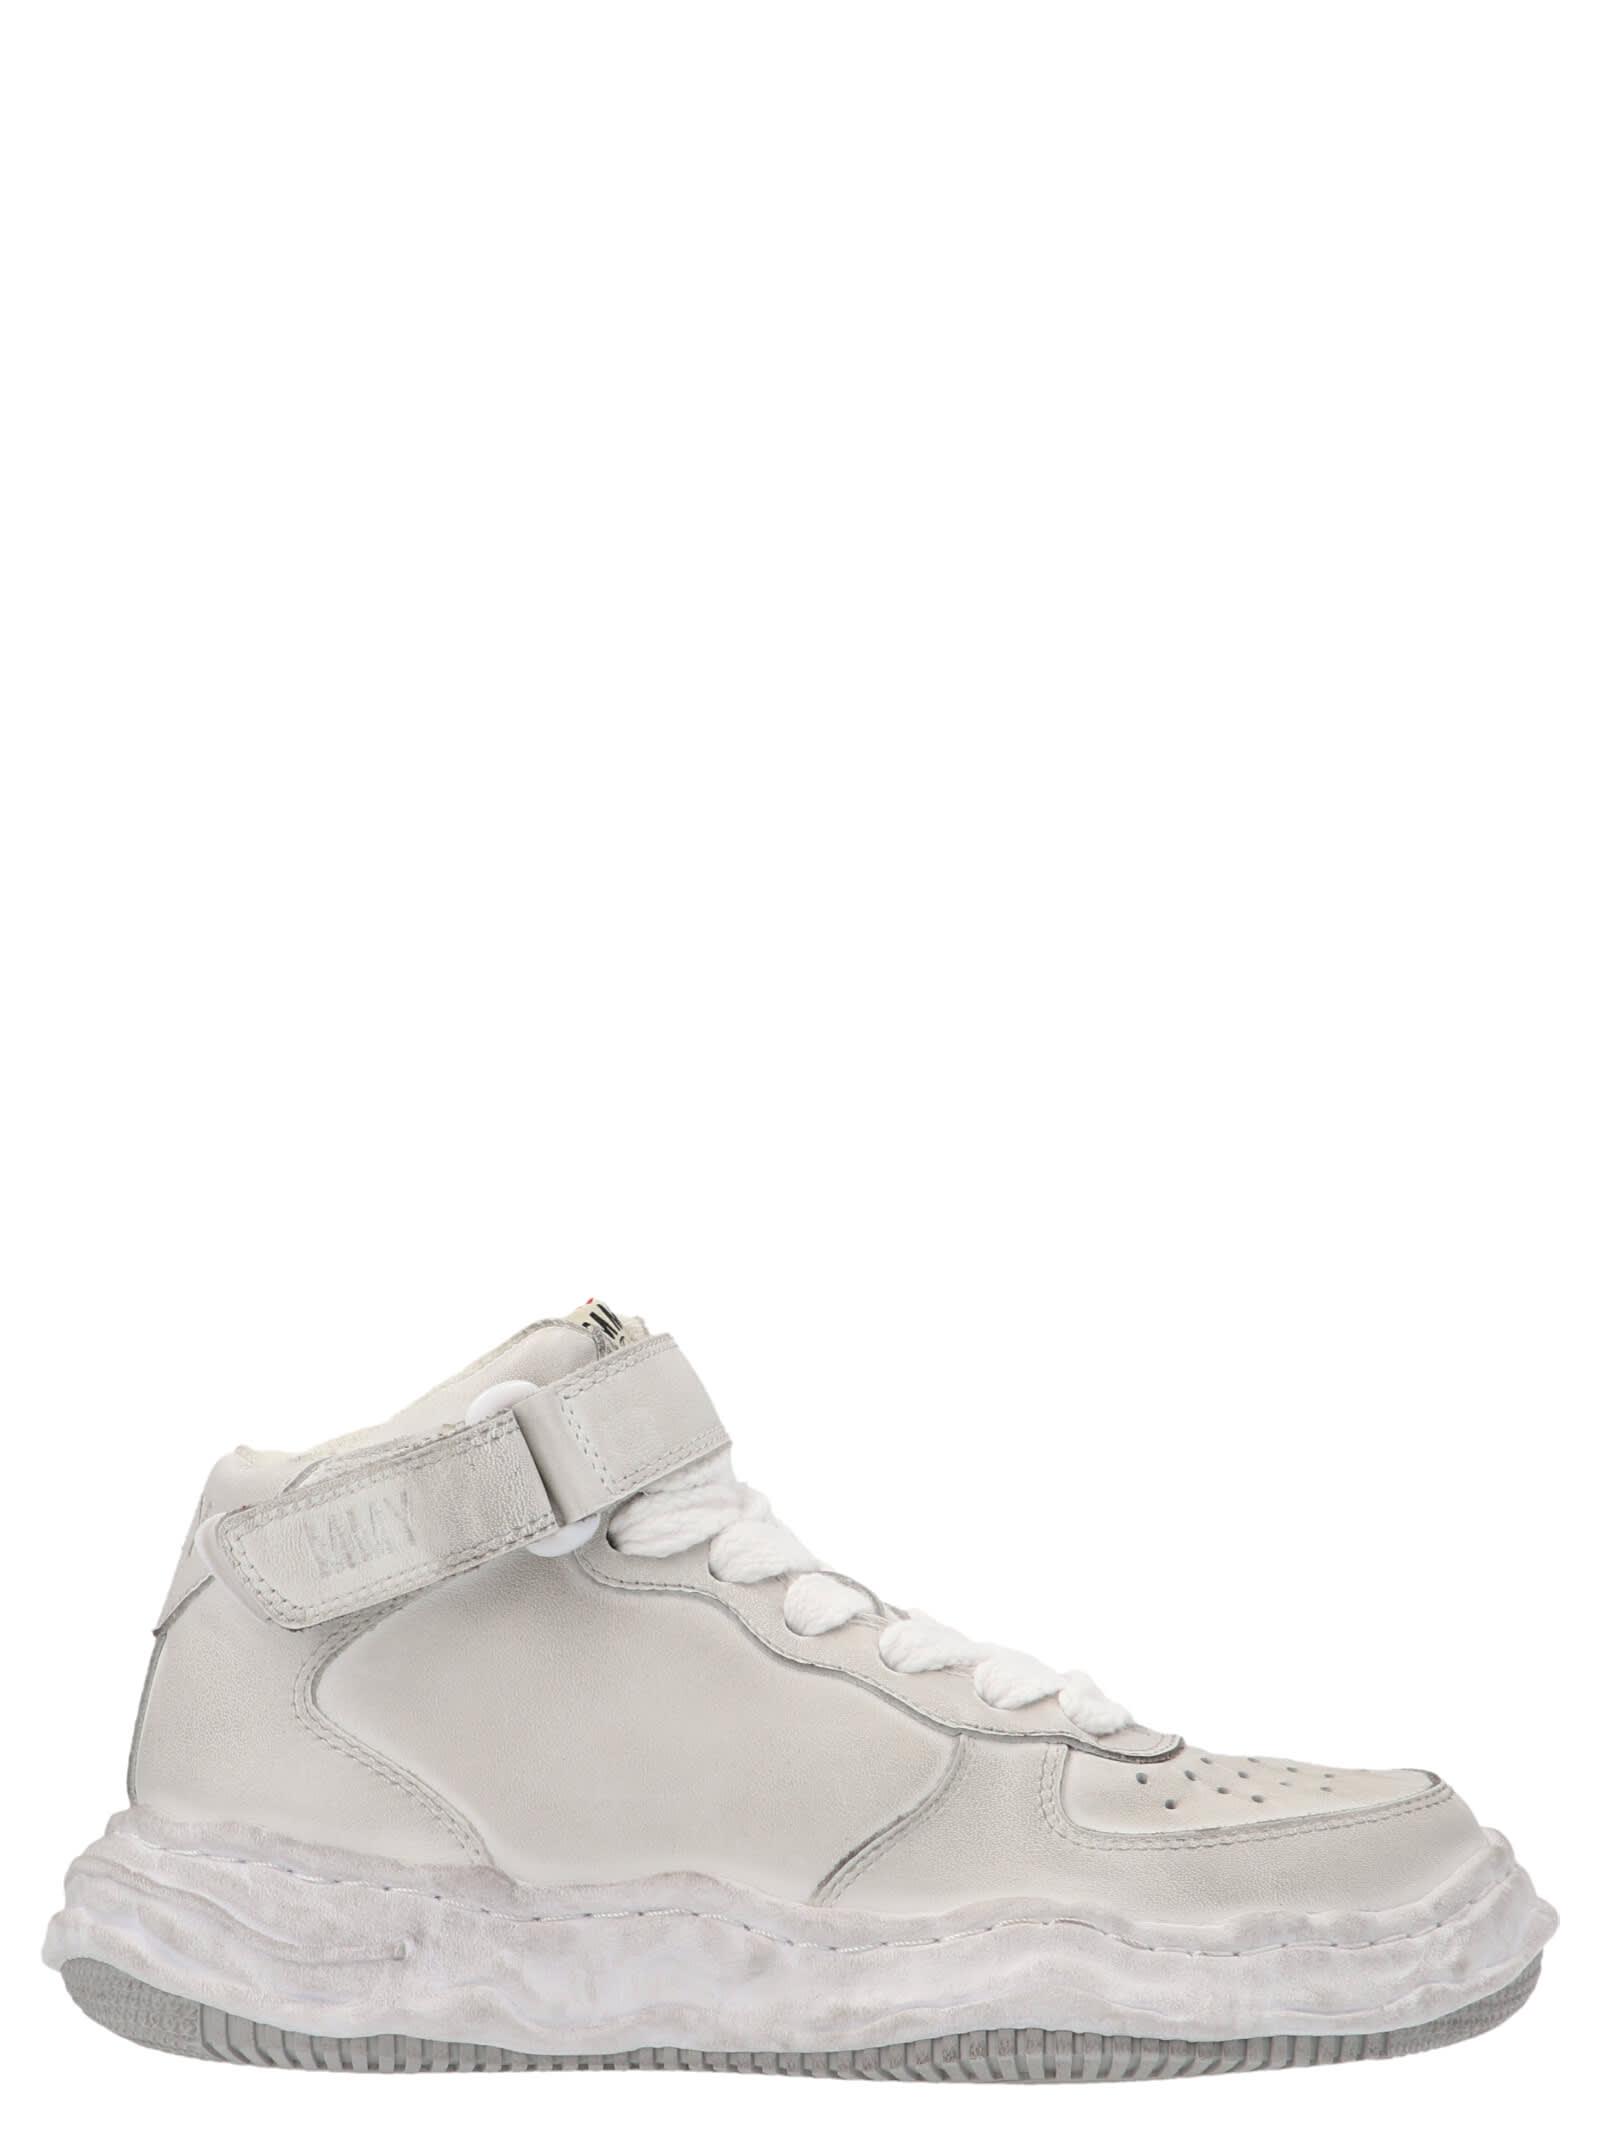 wayne Hight Shoes